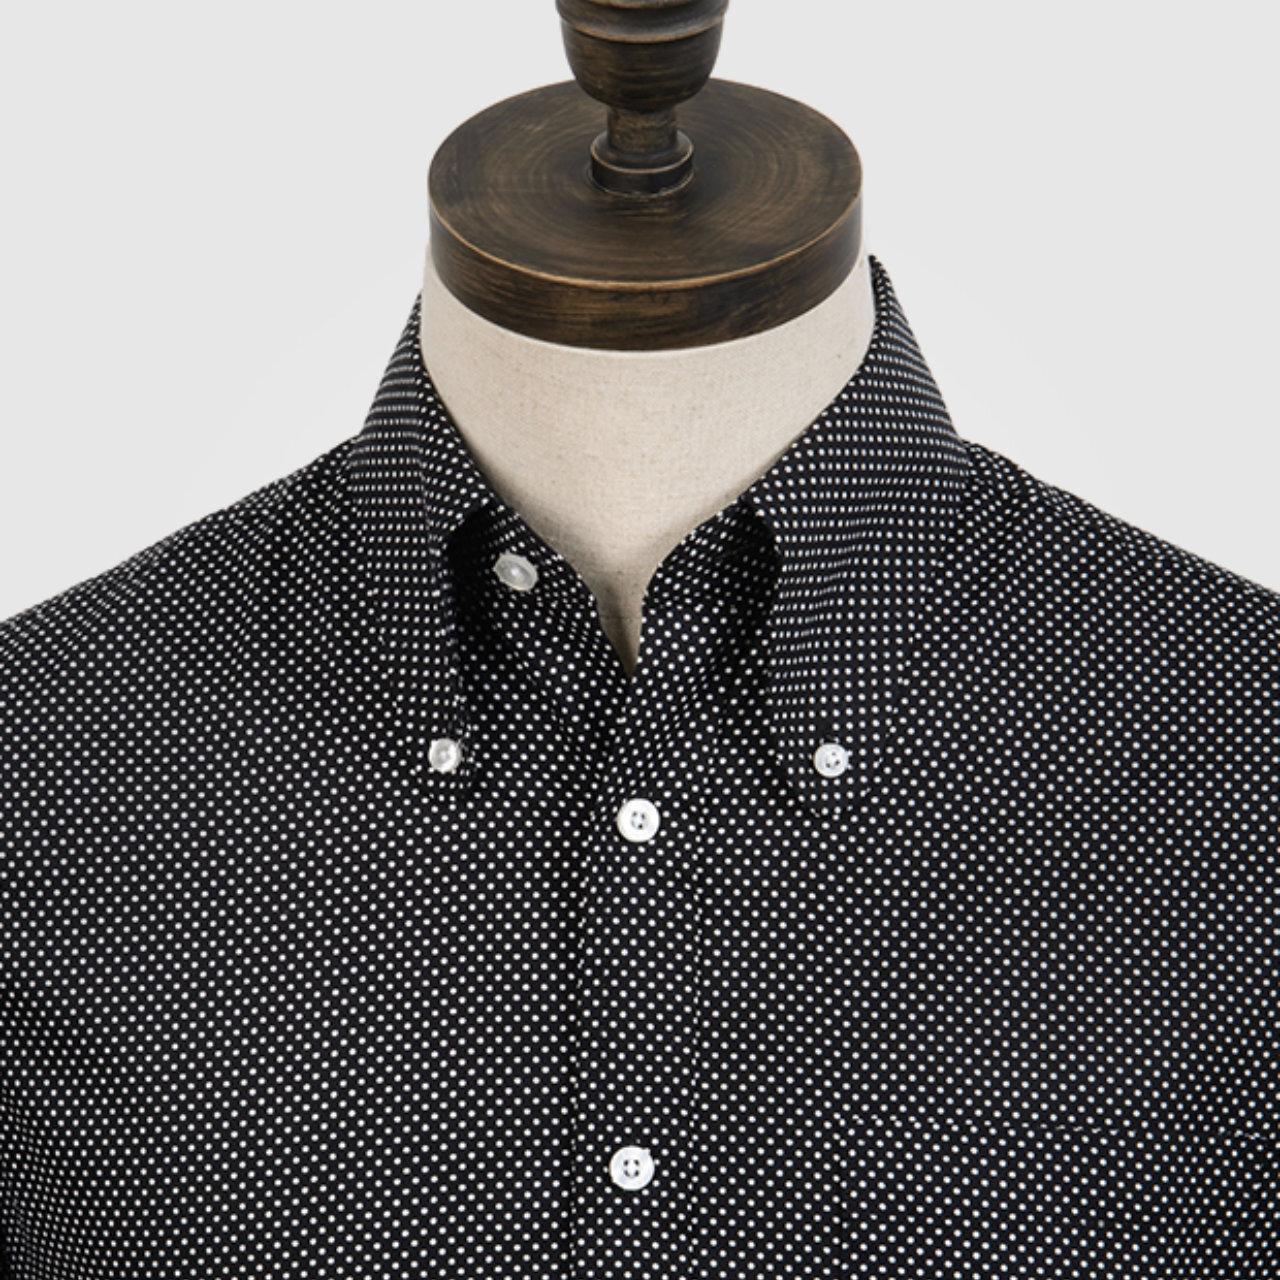 【ART GALLERY】ポルカドット ビーグルカラー ボタンダウン シャツ 〈Black〉